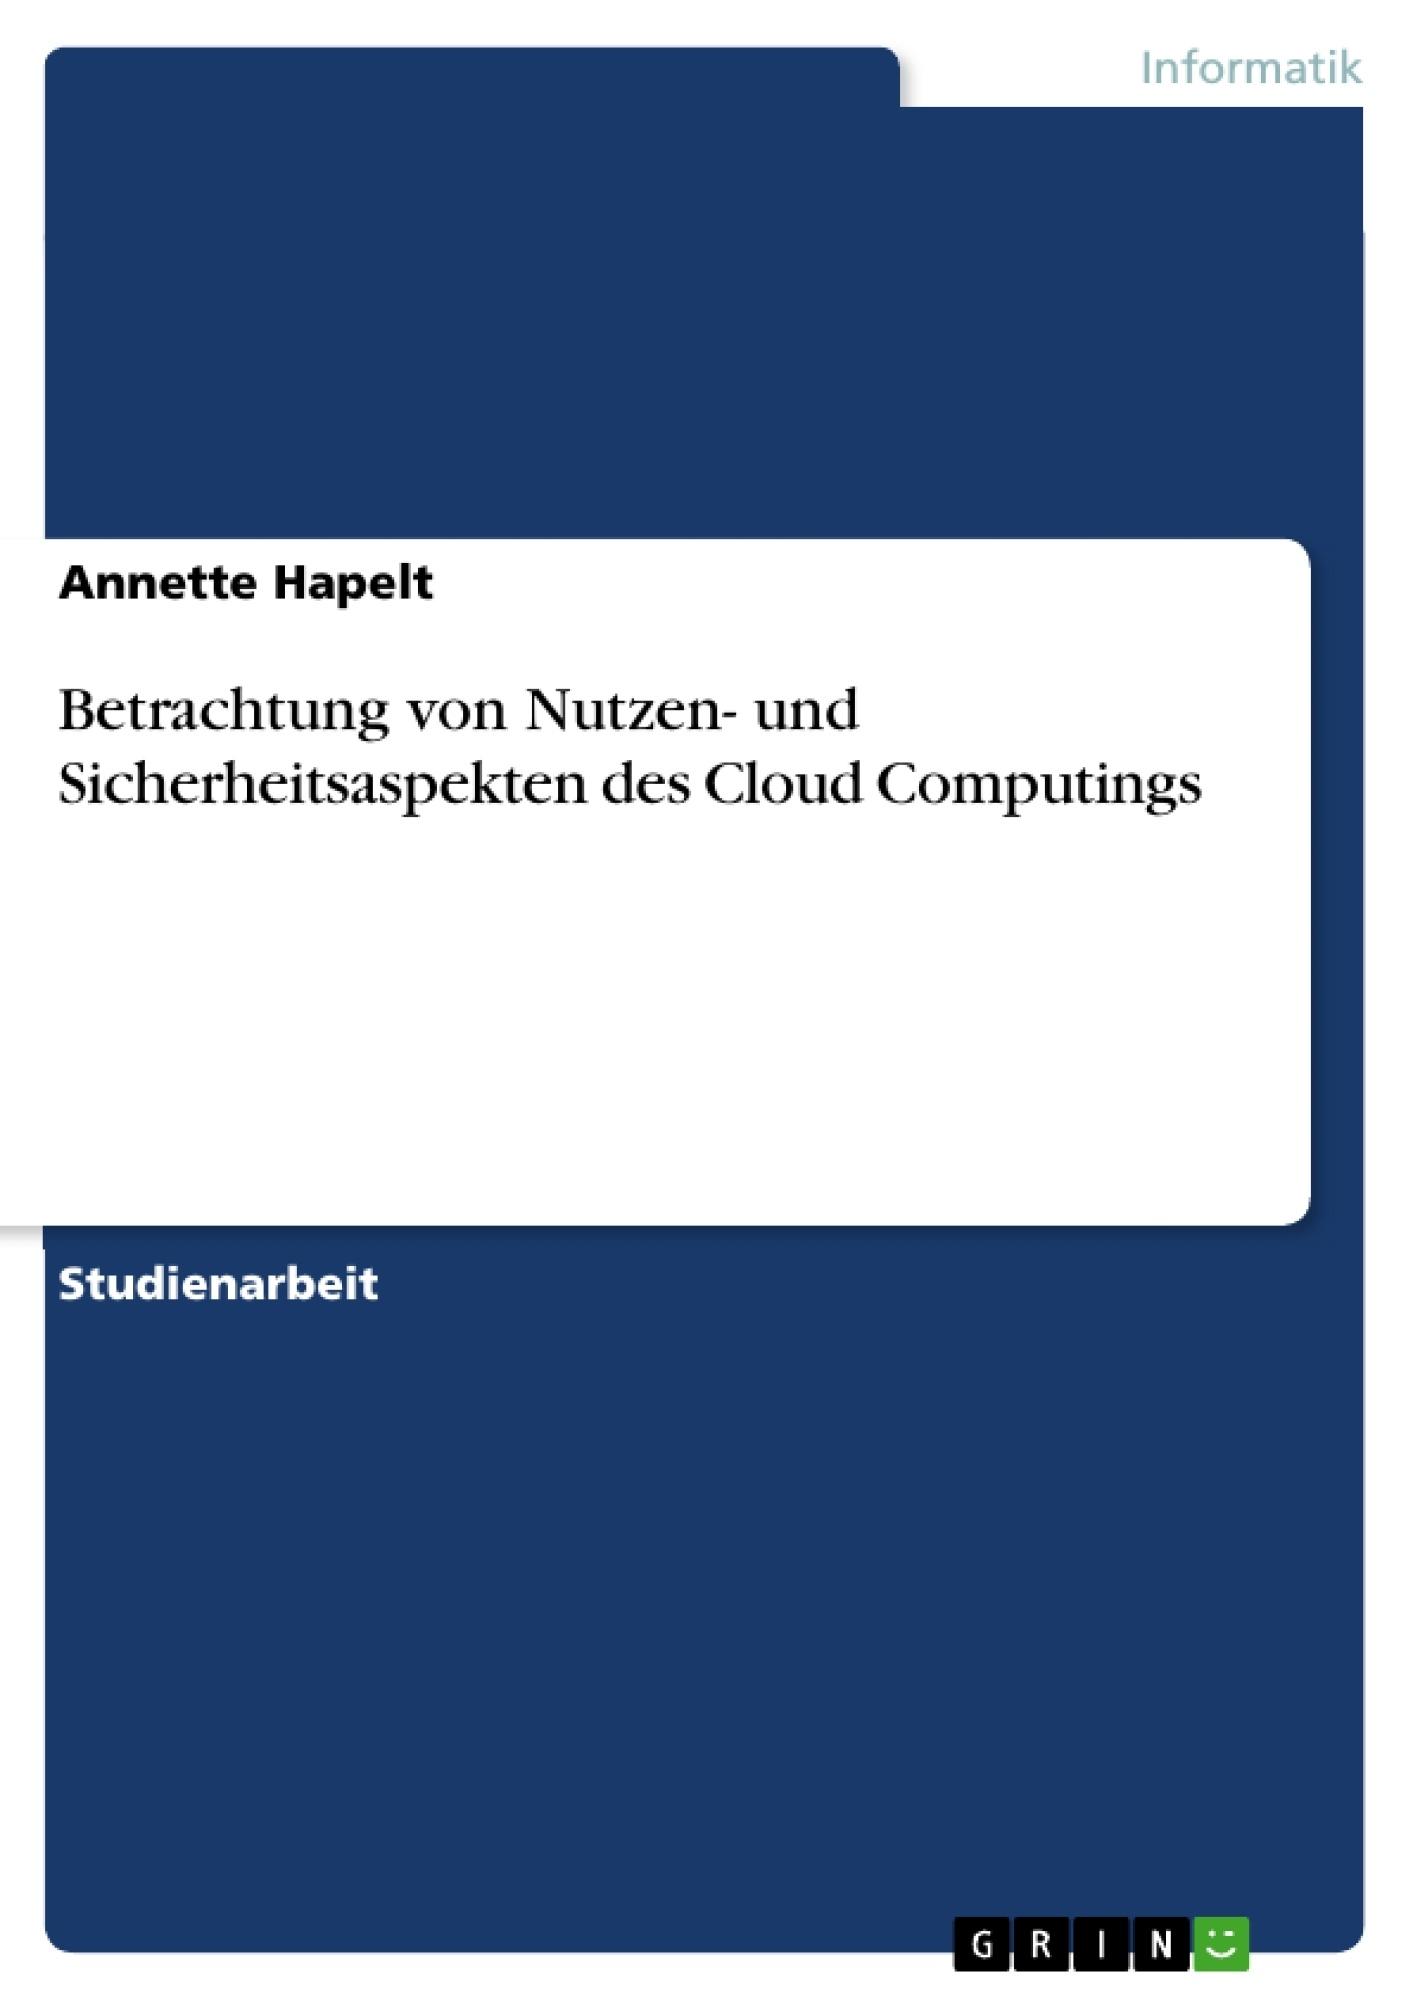 Titel: Betrachtung von Nutzen- und Sicherheitsaspekten des Cloud Computings